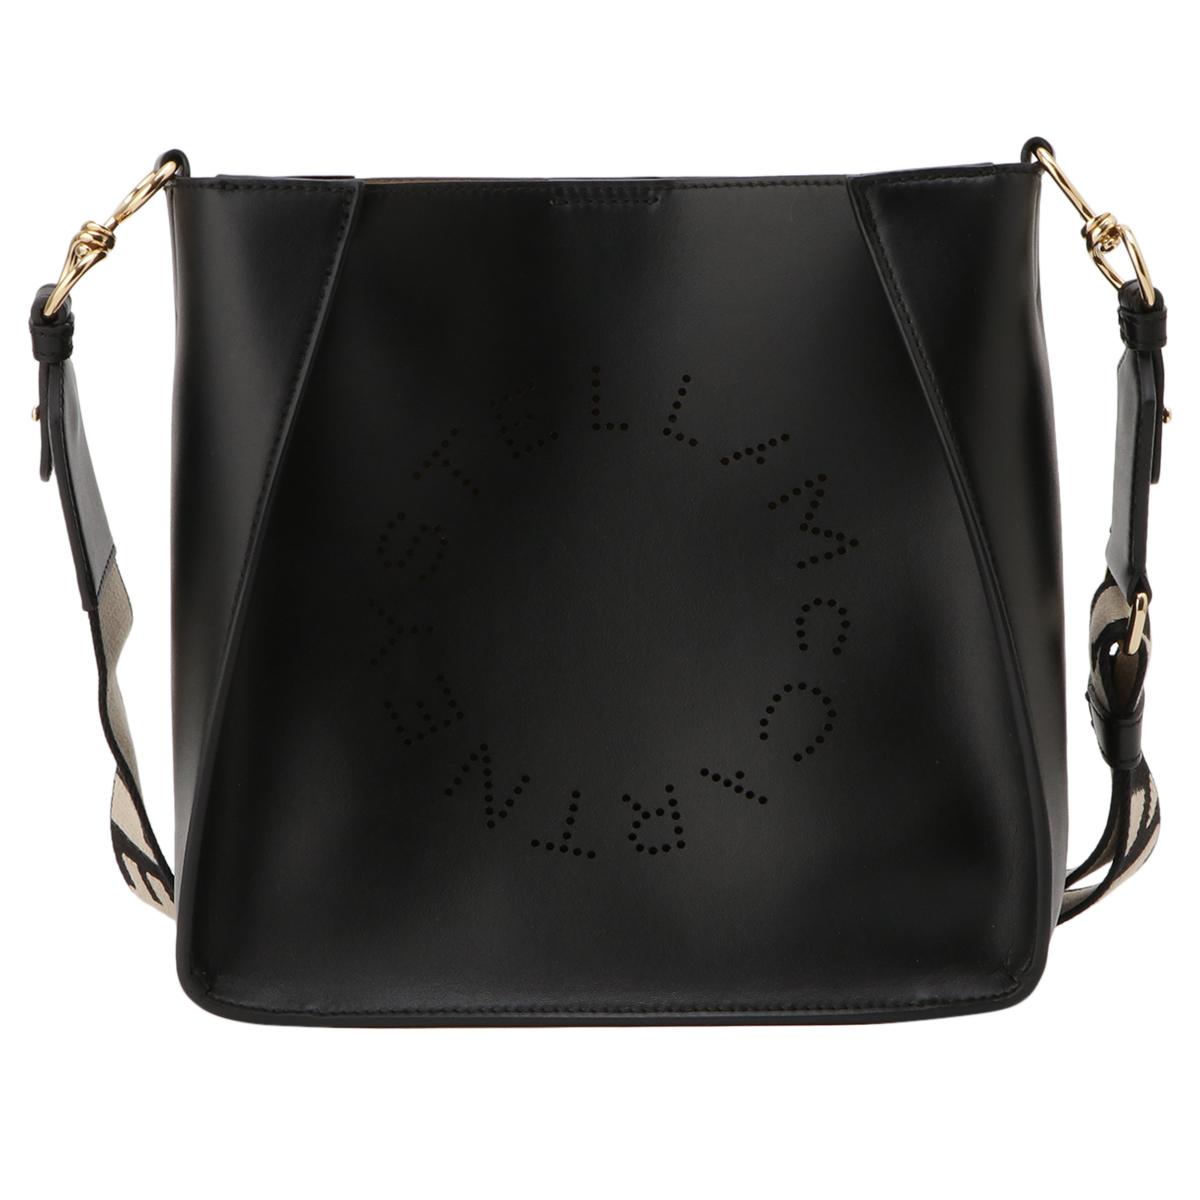 【即納】ステラ マッカートニー Stella McCartney レディース バッグ ショルダーバッグ【Mini Shoulder Bag 700073】BLACK クロスボディ ロゴ